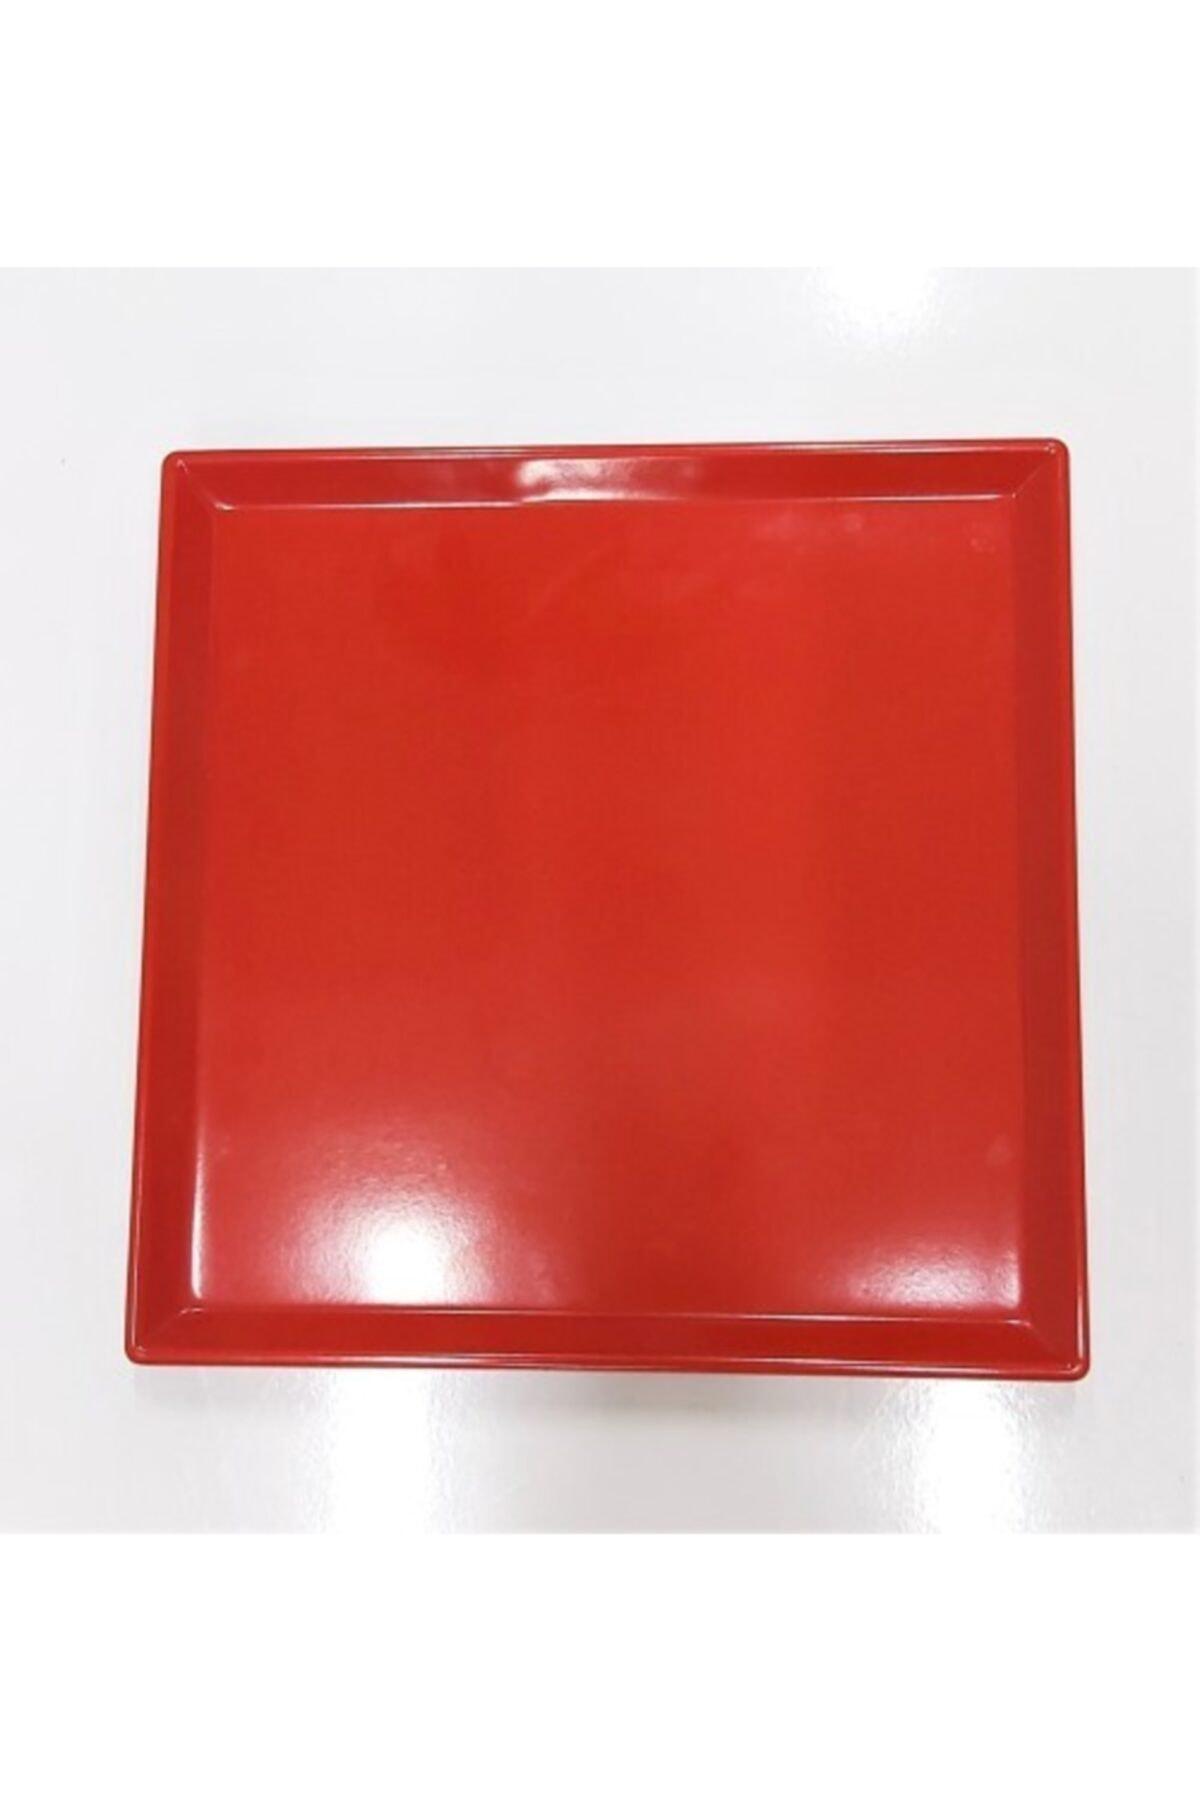 Evren 20*20cm Kırmızı Sunum Tabağı Thermo Melamin 1